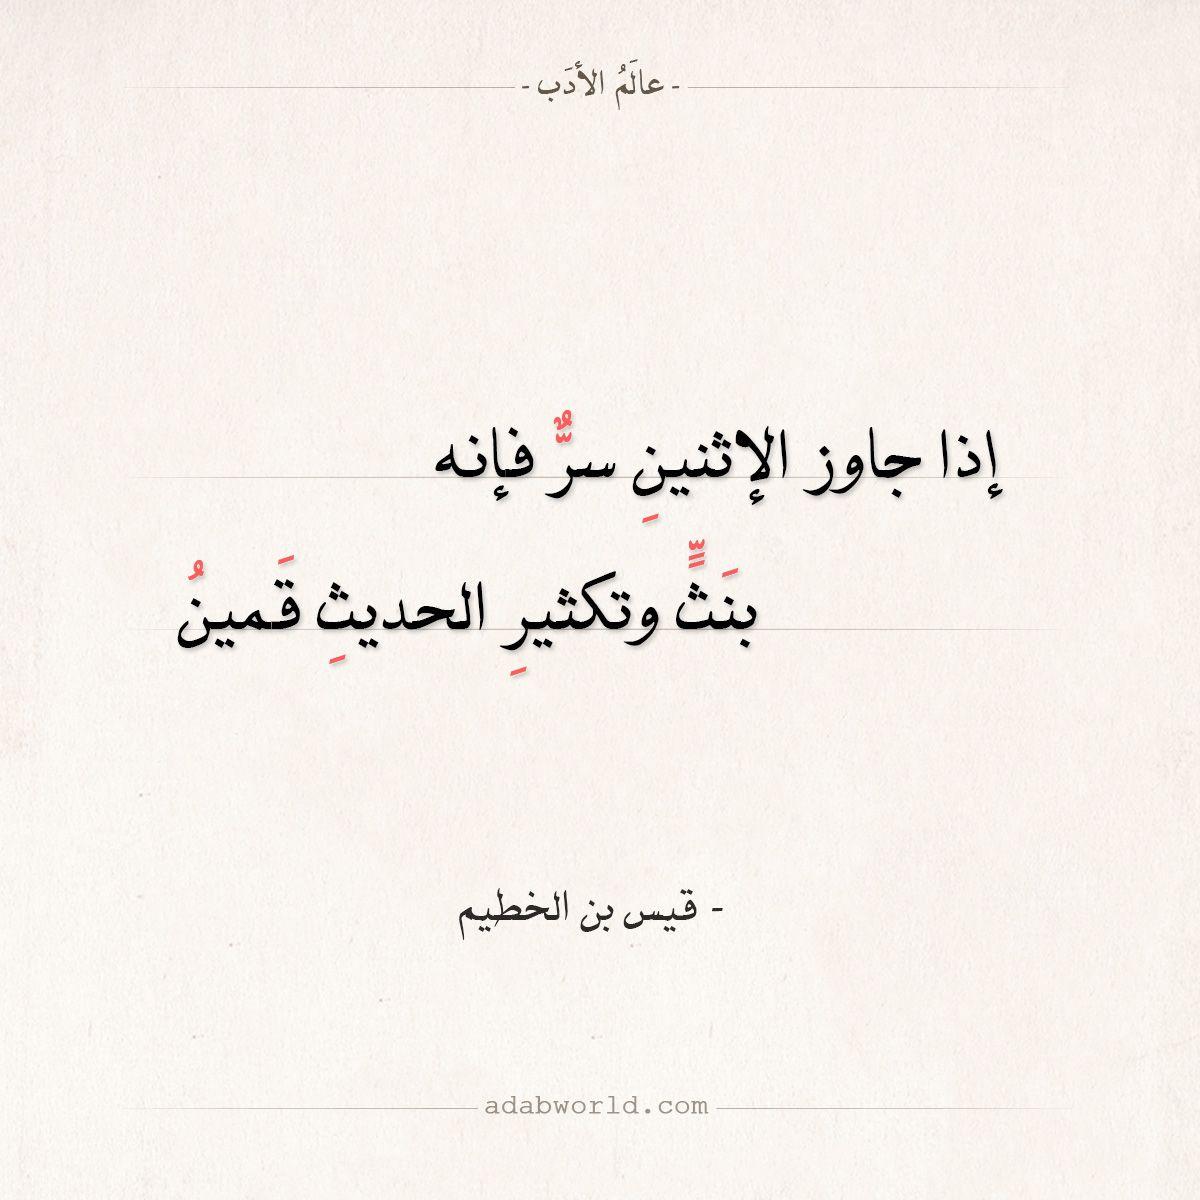 شعر قيس بن الخطيم إذا جاوز الإثنين سر فإنه عالم الأدب Words Math Arabic Calligraphy